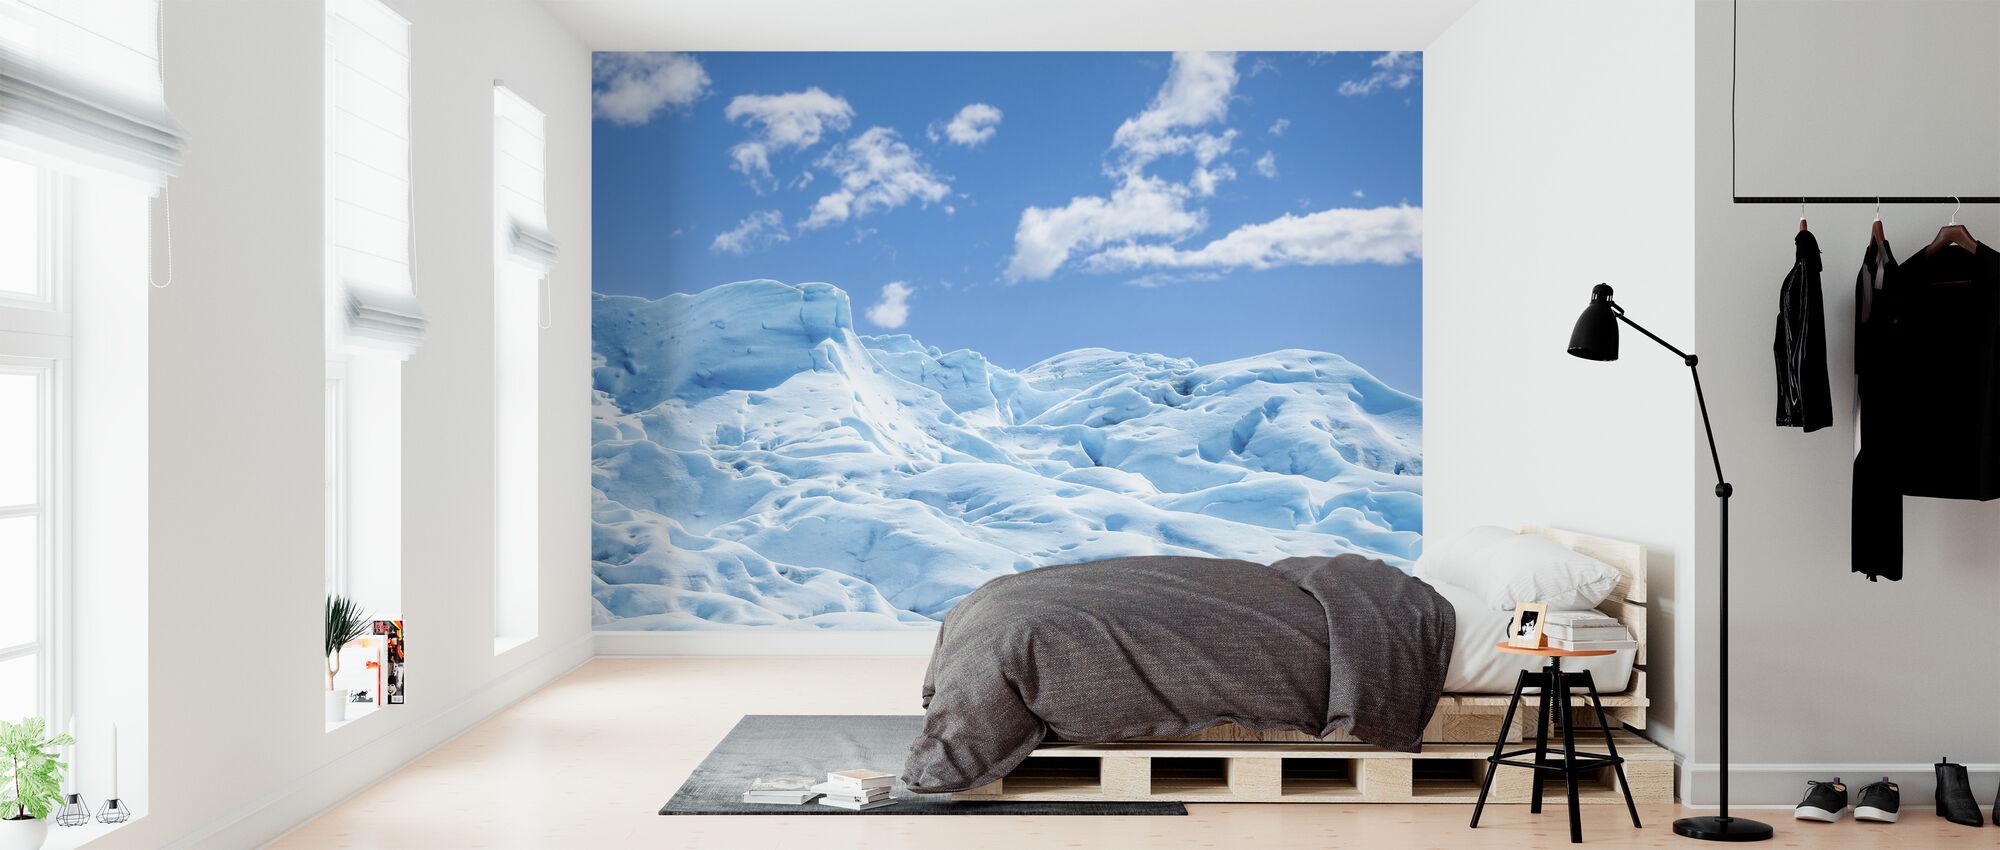 Frozen Ground - Wallpaper - Bedroom